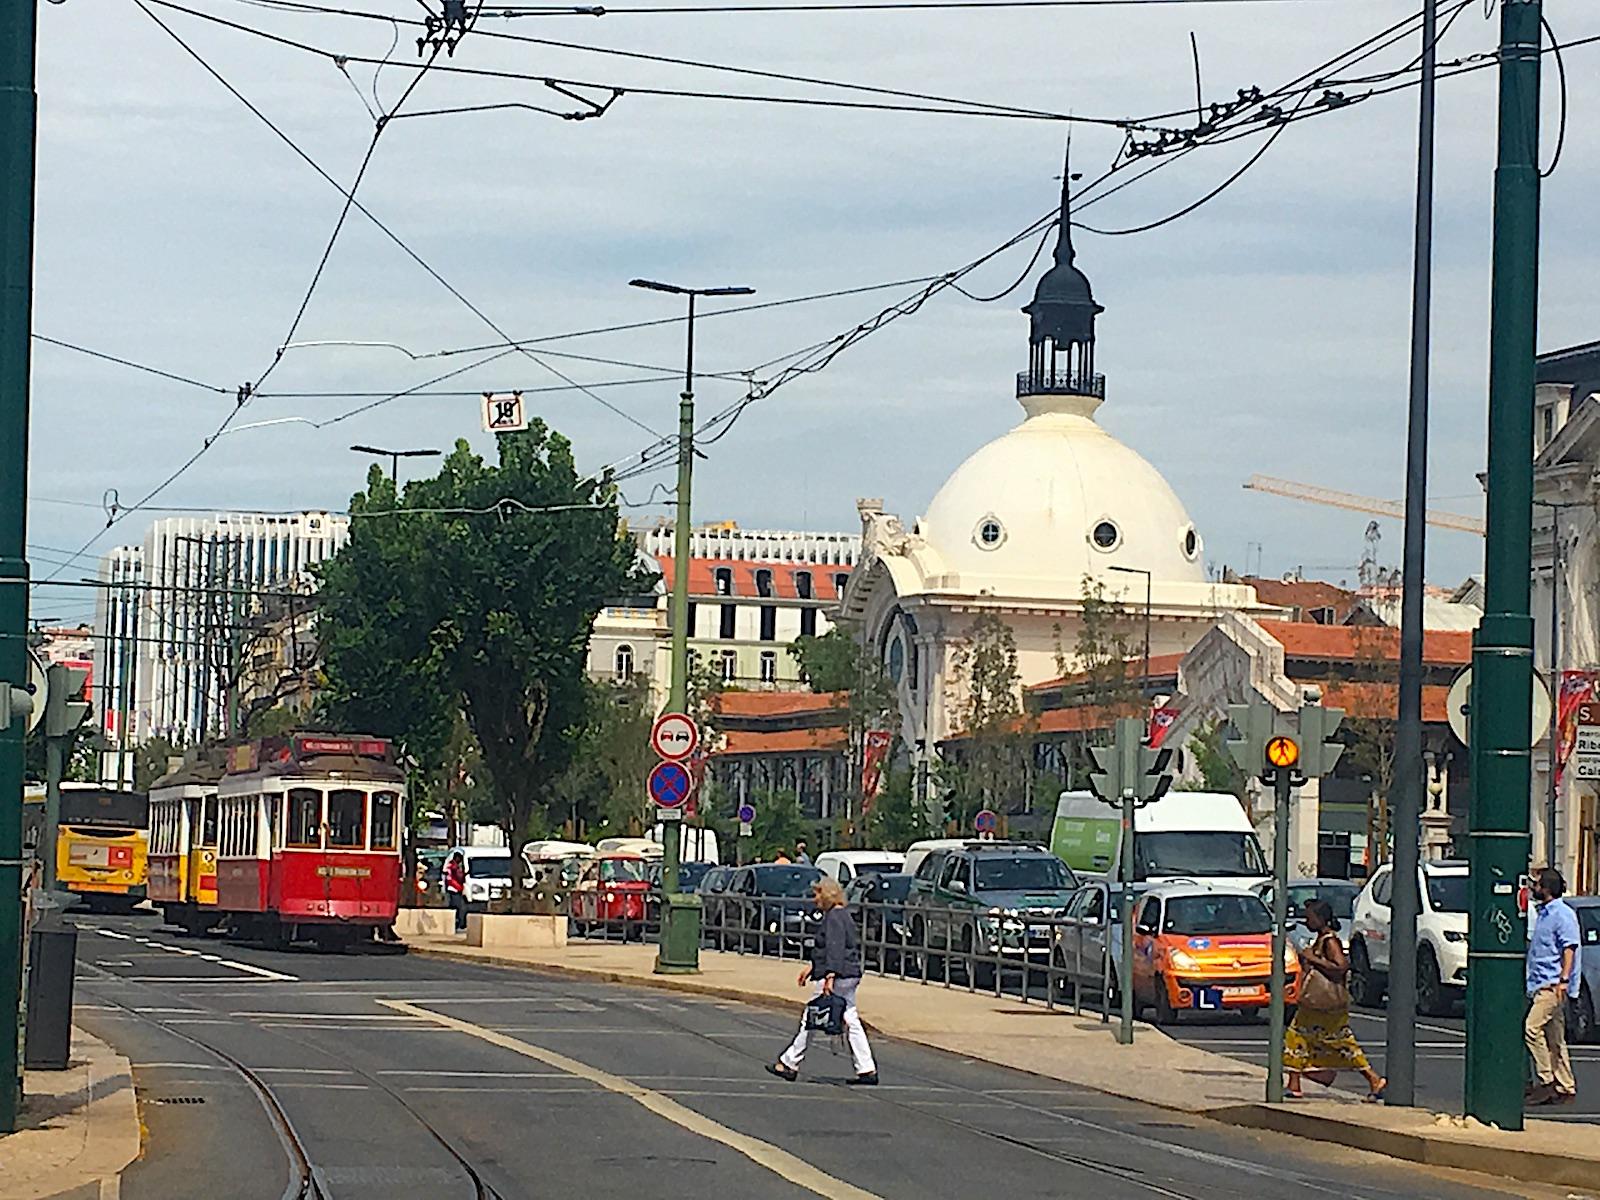 Caisdosodre voor het station